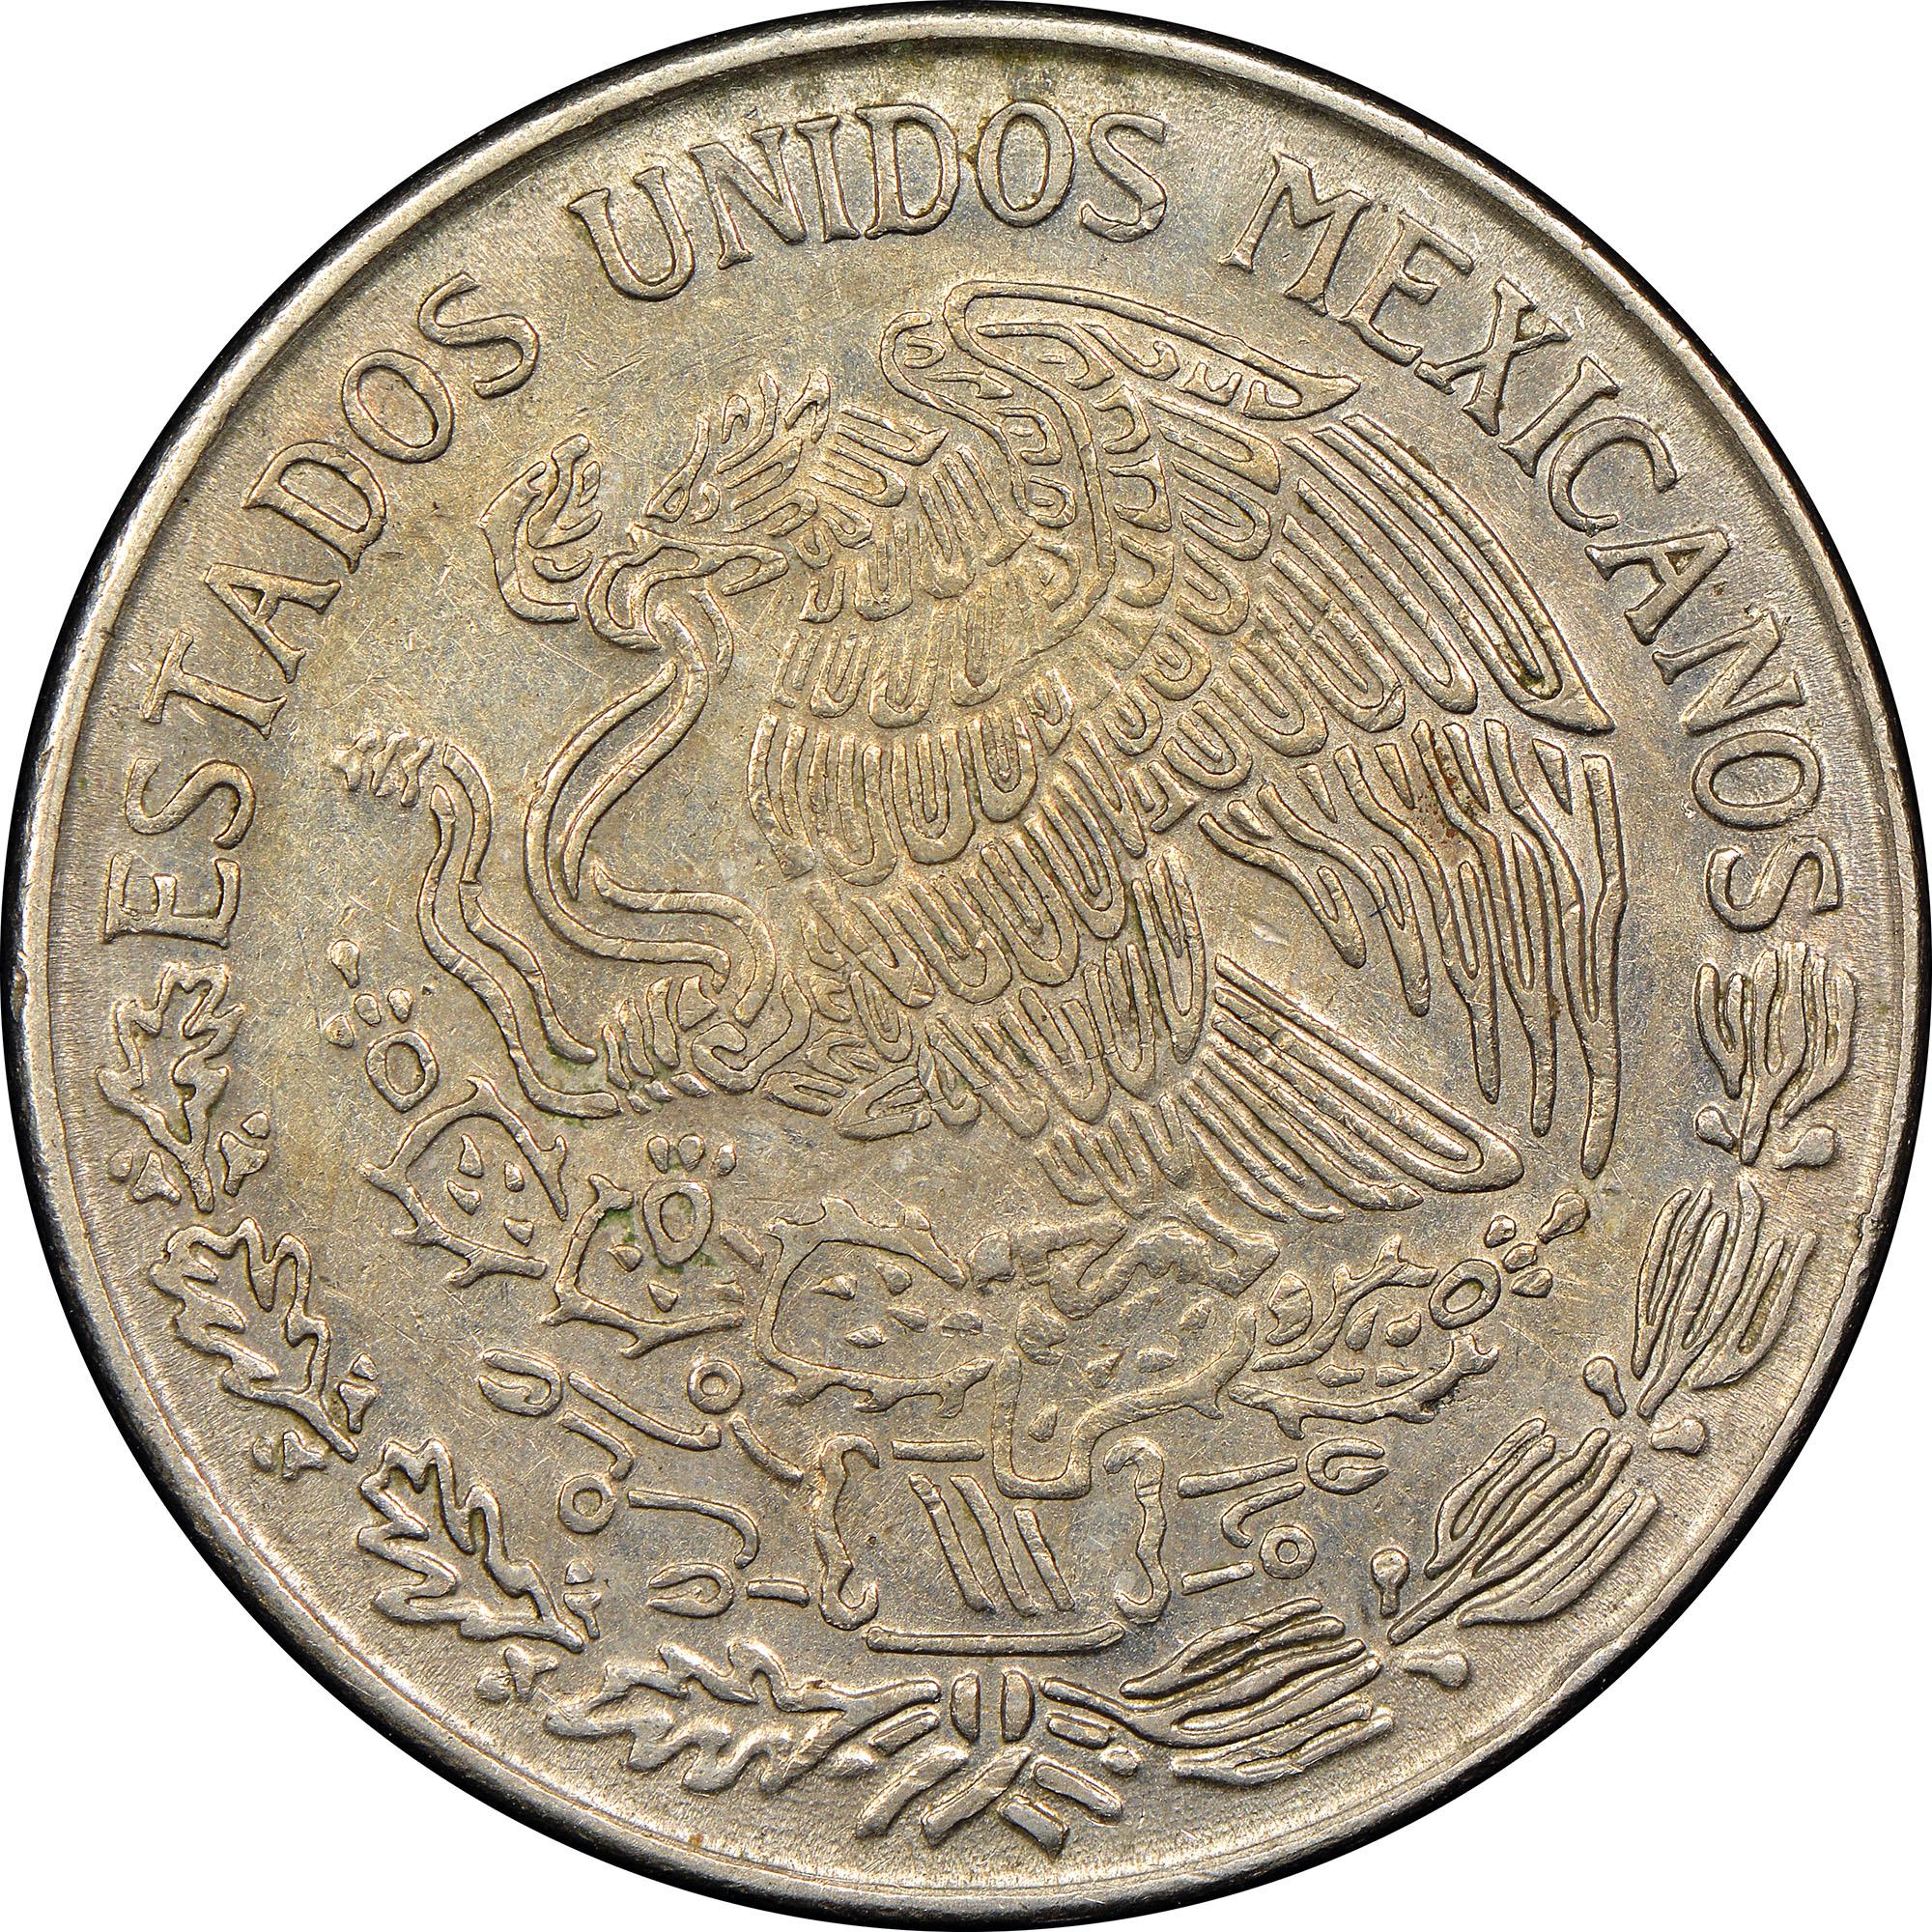 Mexico ESTADOS UNIDOS MEXICANOS Peso KM 460 Prices ...